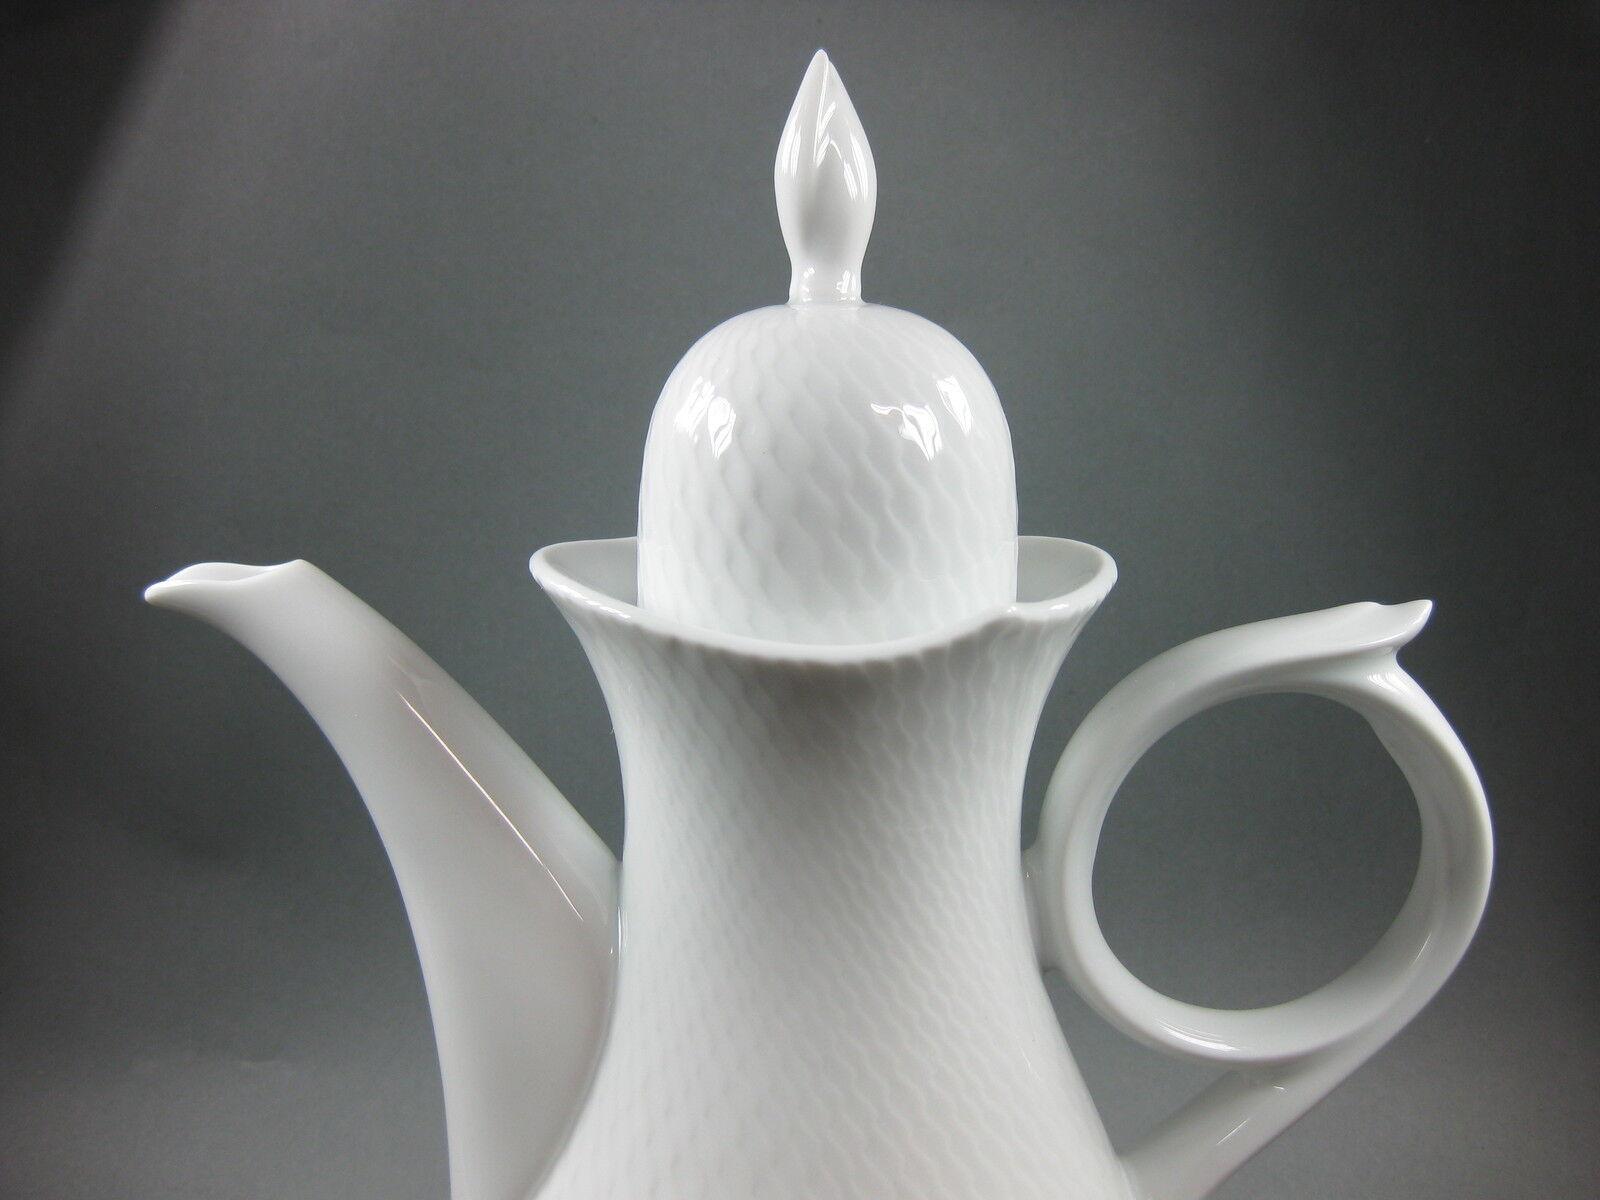 Meissen vagues jeu Blanc Cafetière Cafetière 1 Choix Neuf New